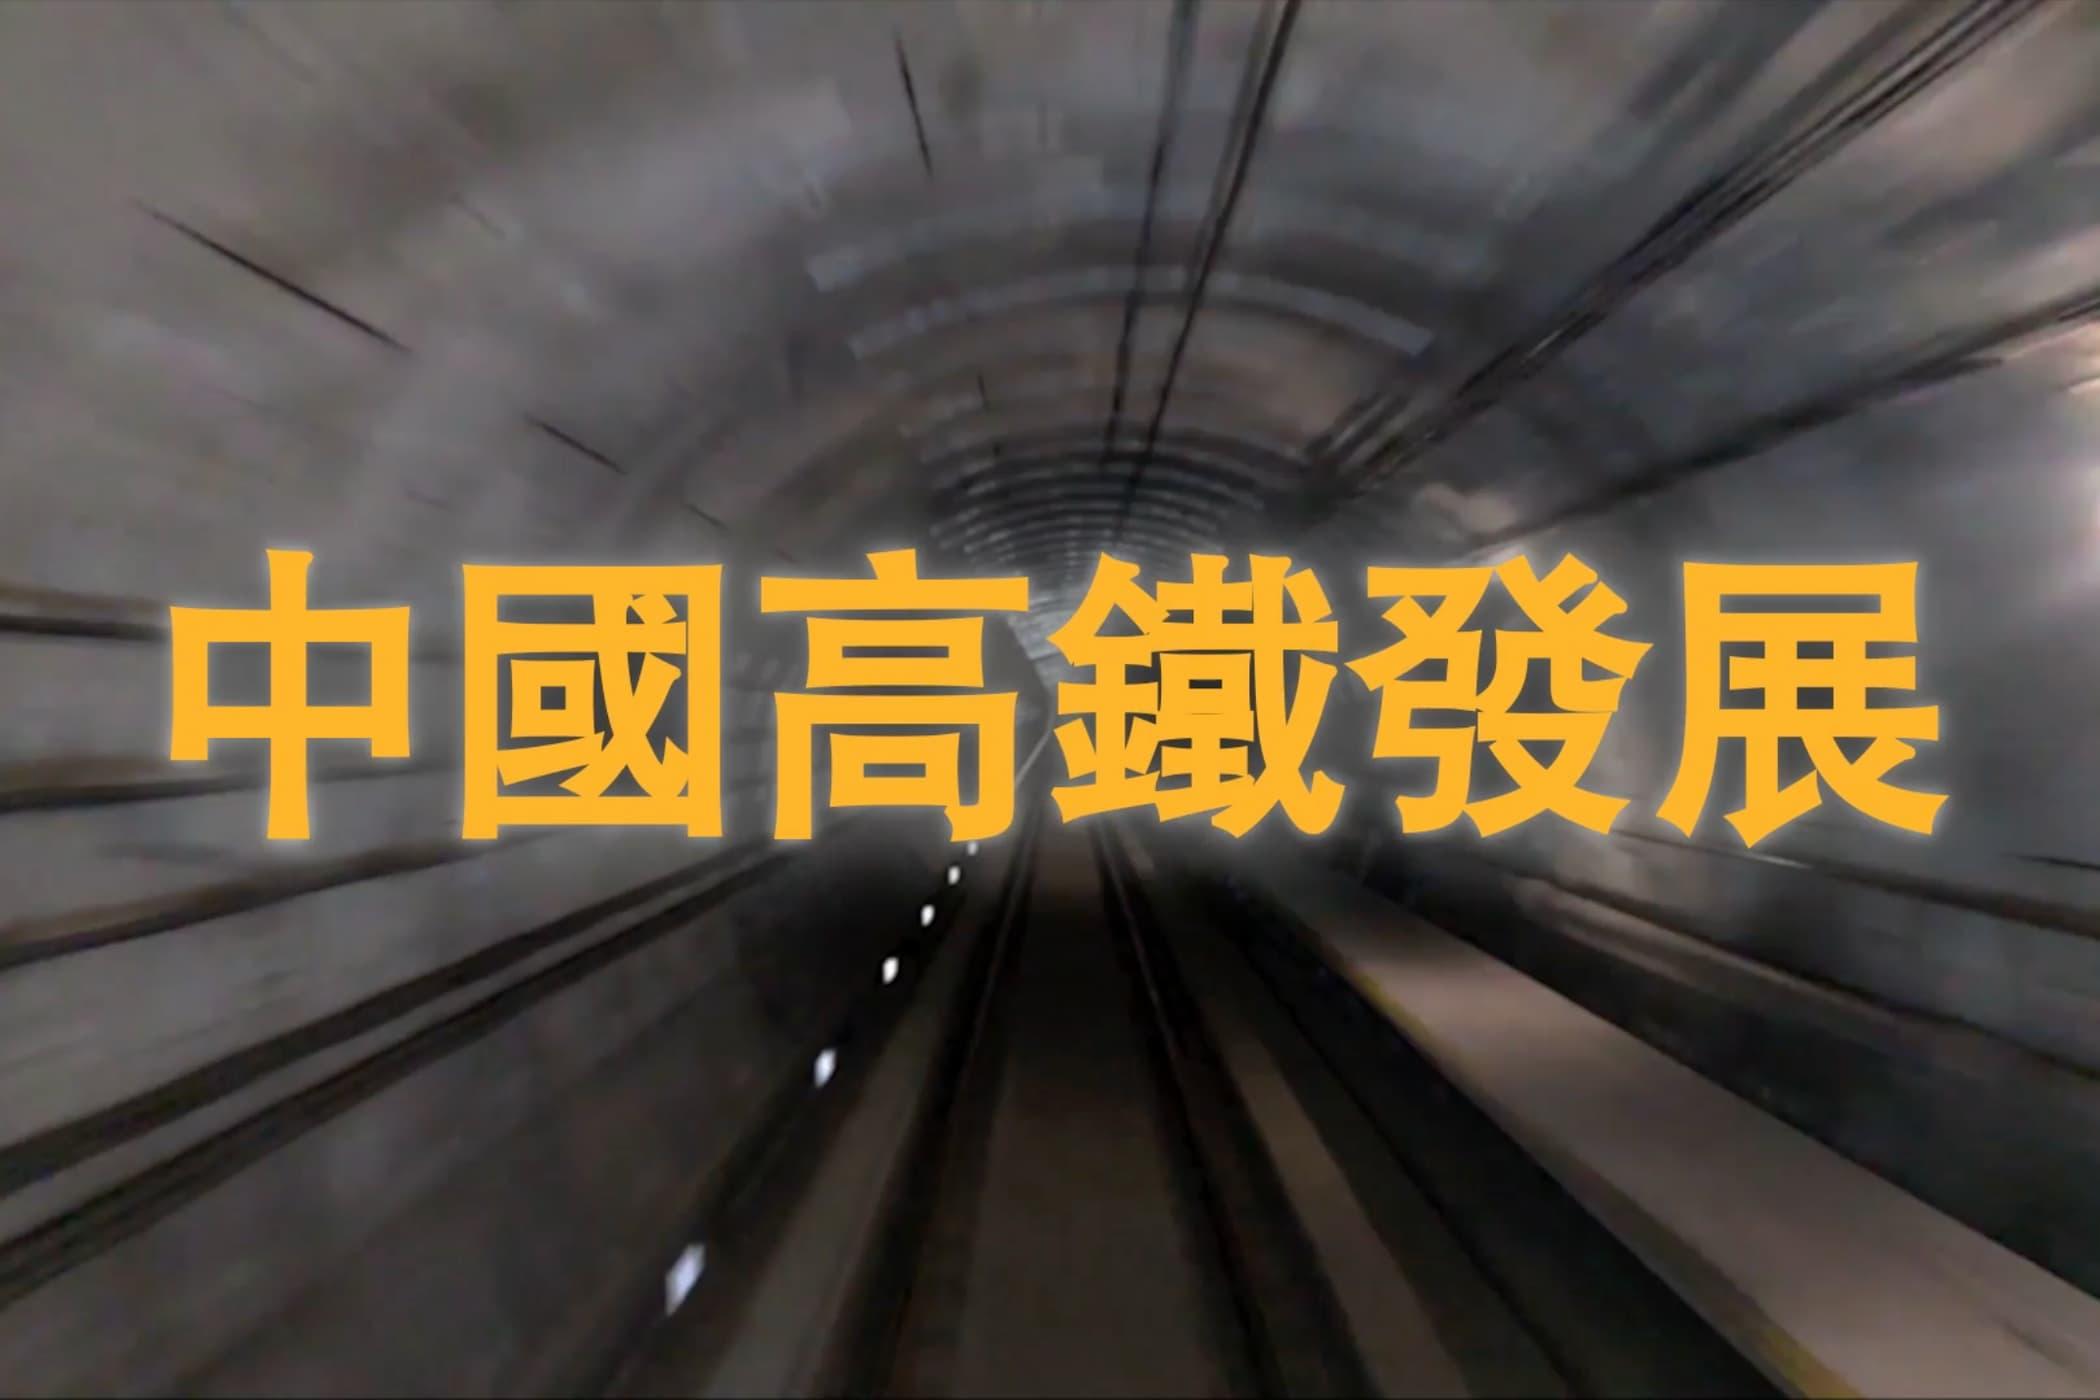 zhongguogaotiefazhanfengmian